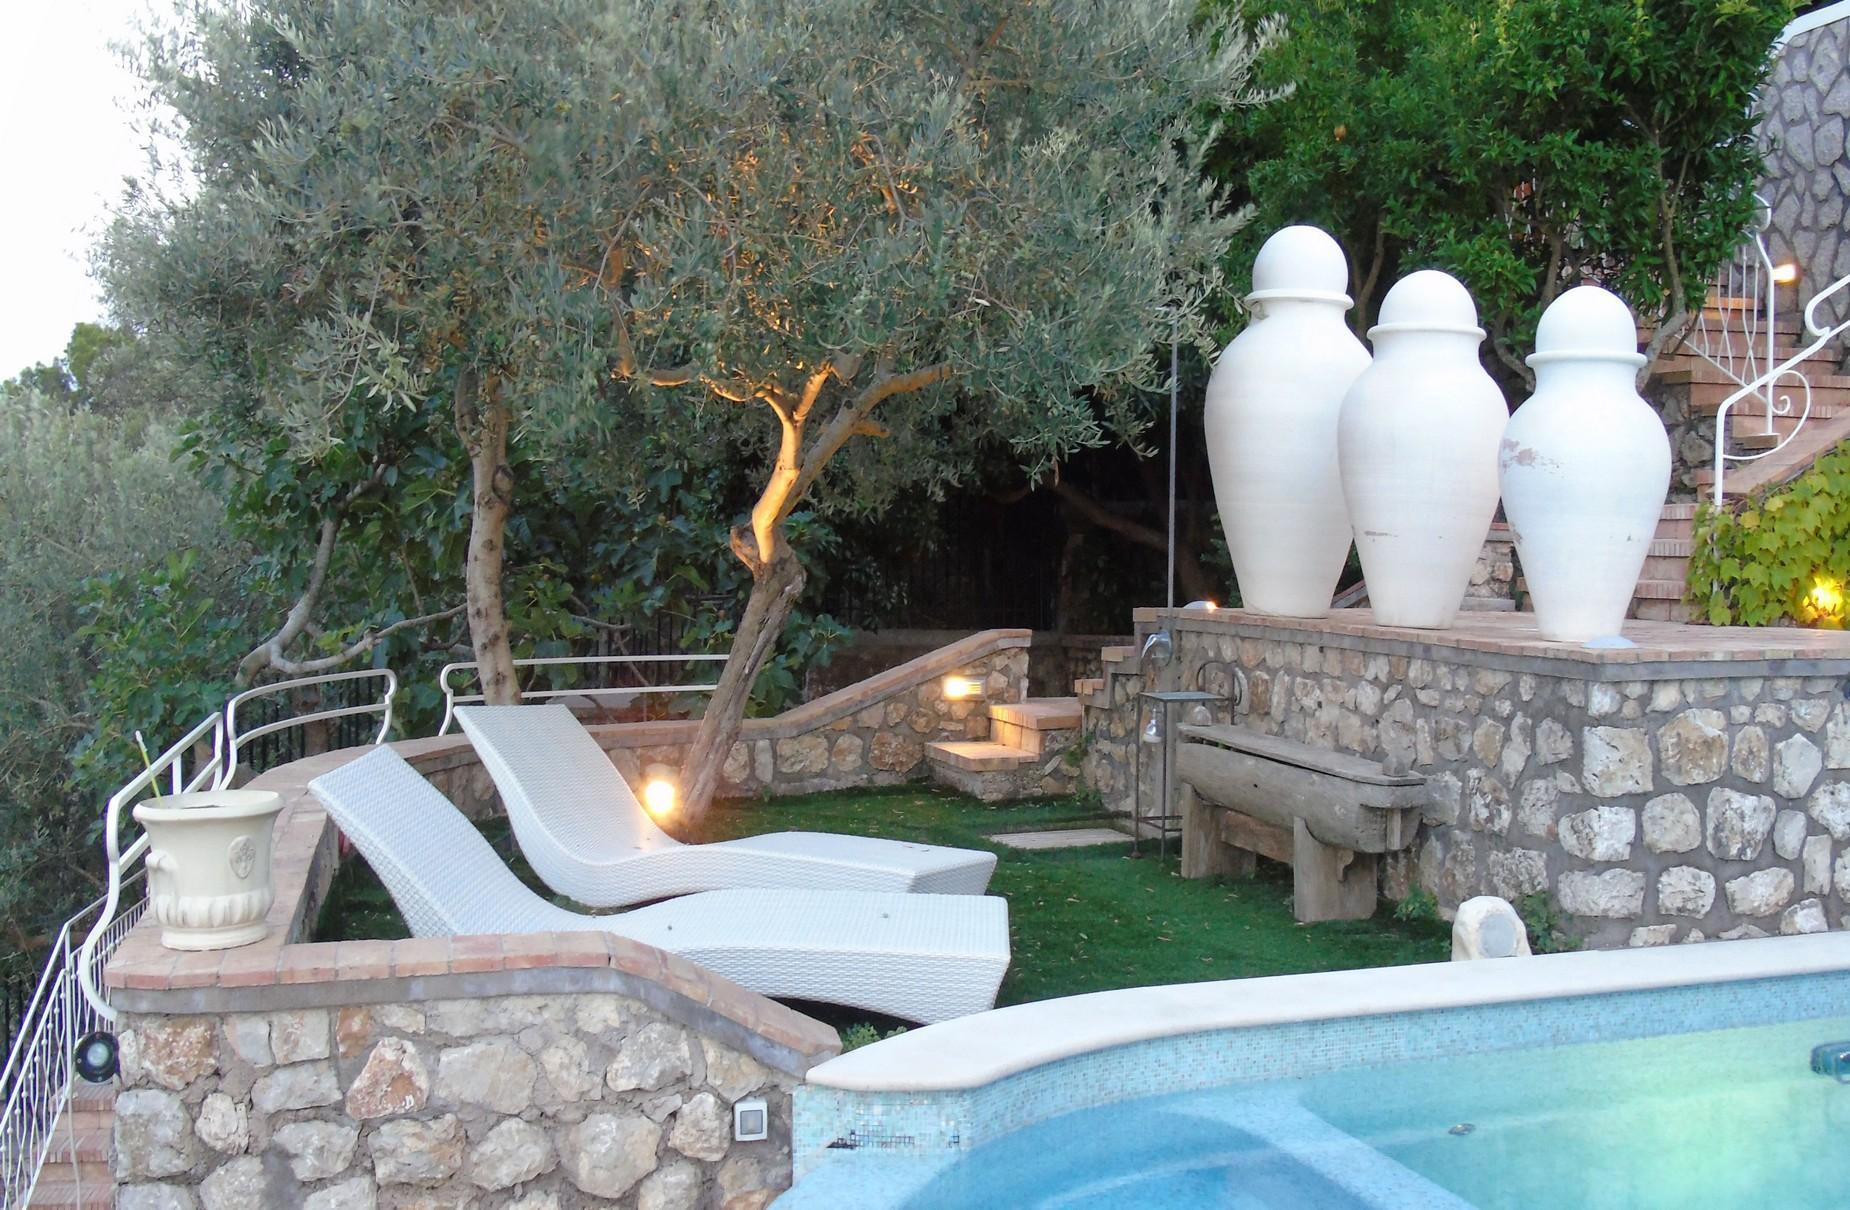 Очаровательная вилла с панорамным бассейном в центре легендарного острова Капри, Италия - 5